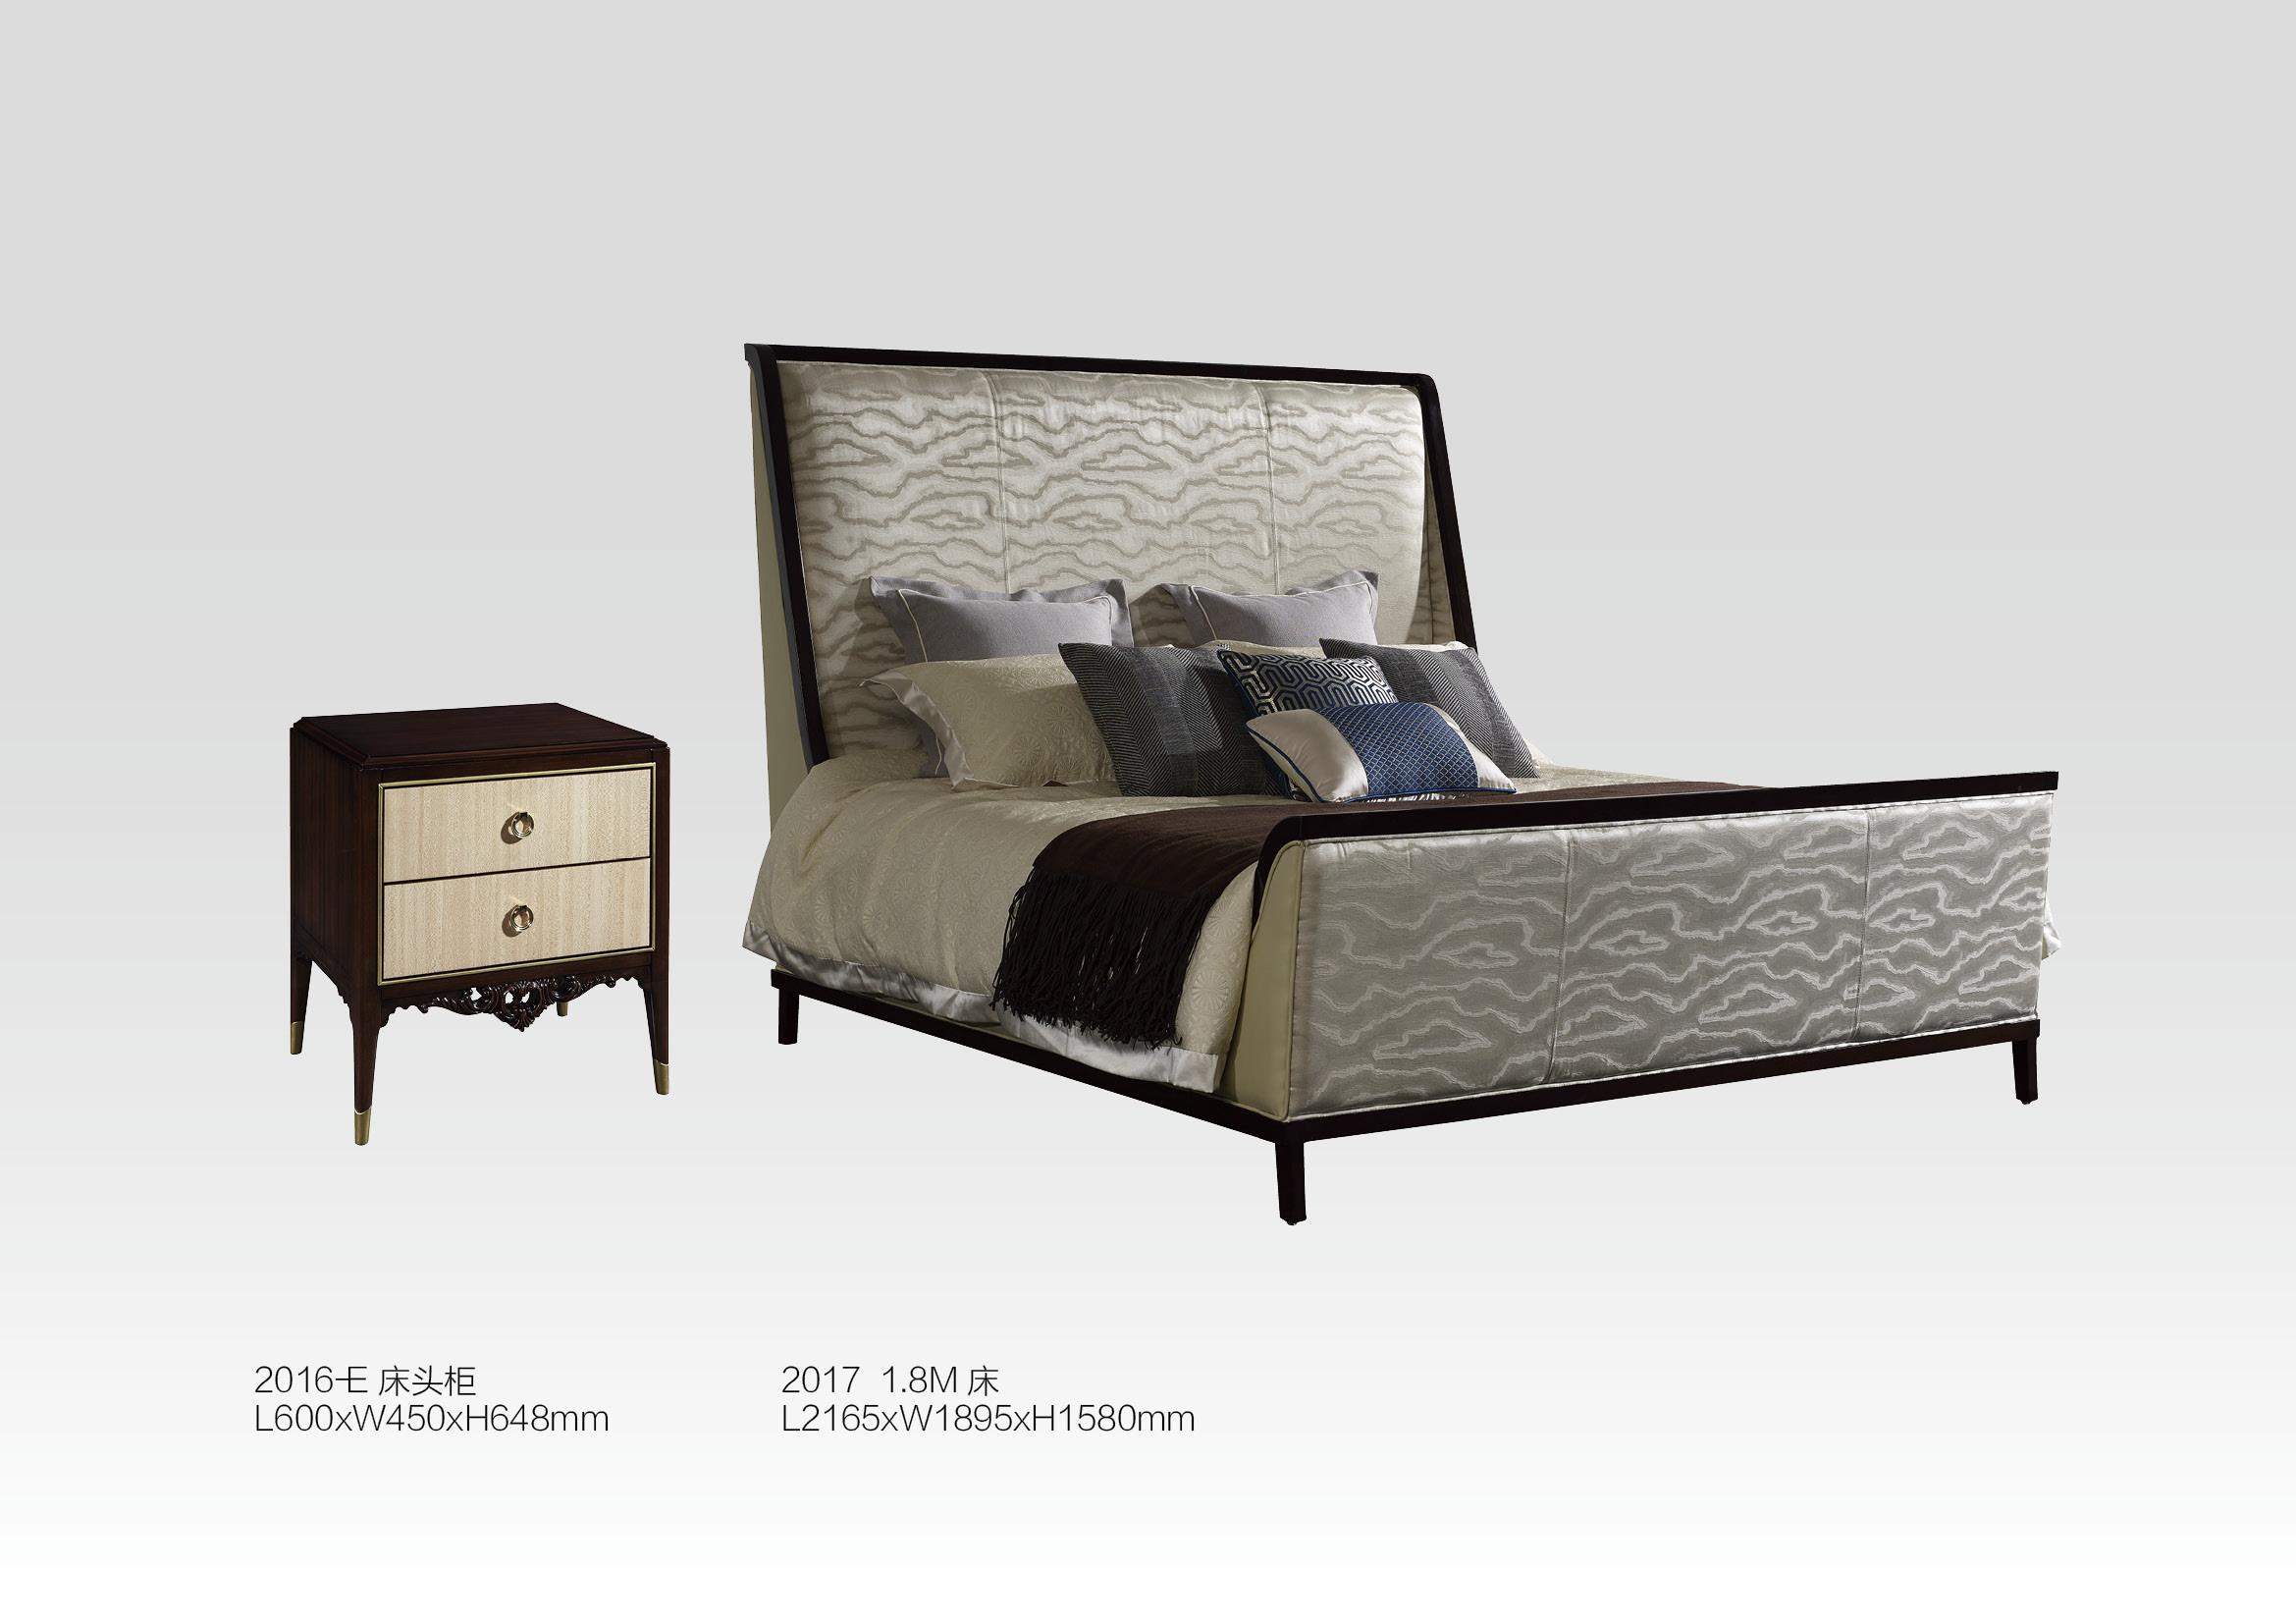 美式乡村风格全实木卧室家具床+后现代床头柜